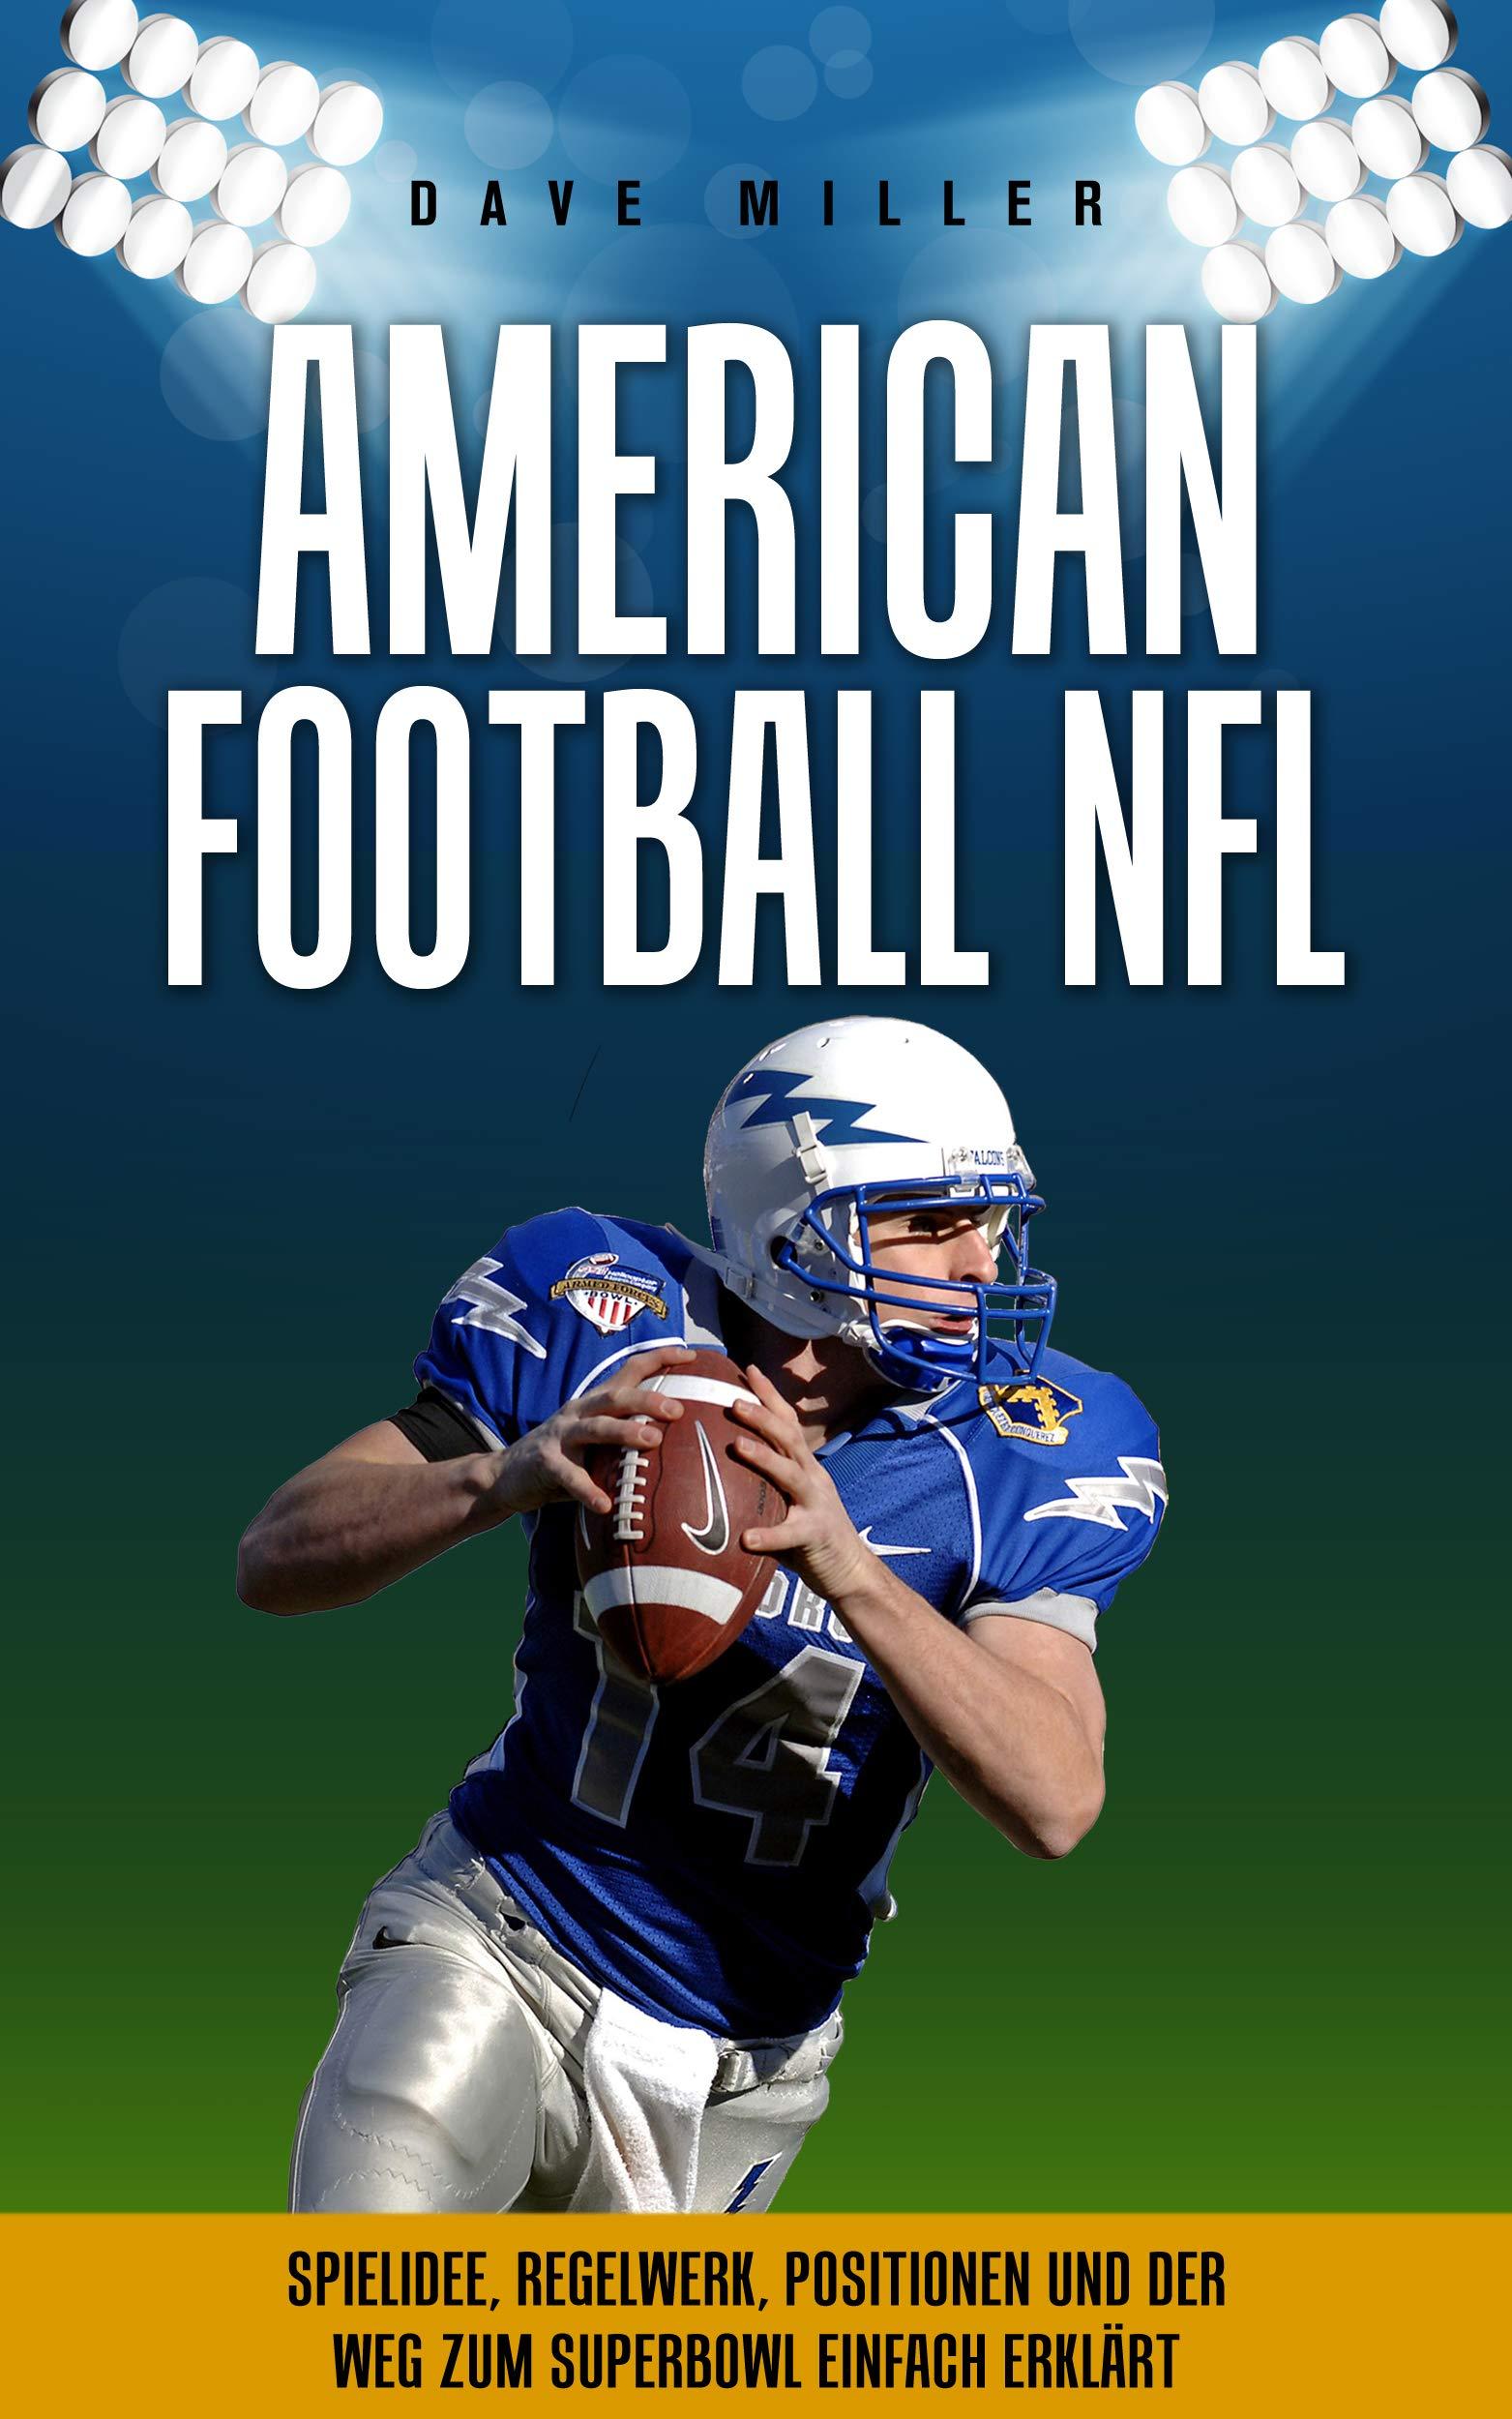 American Football NFL  Spielidee Regelwerk Positionen Teams Und Der Weg Zum Superbowl Einfach Erklärt